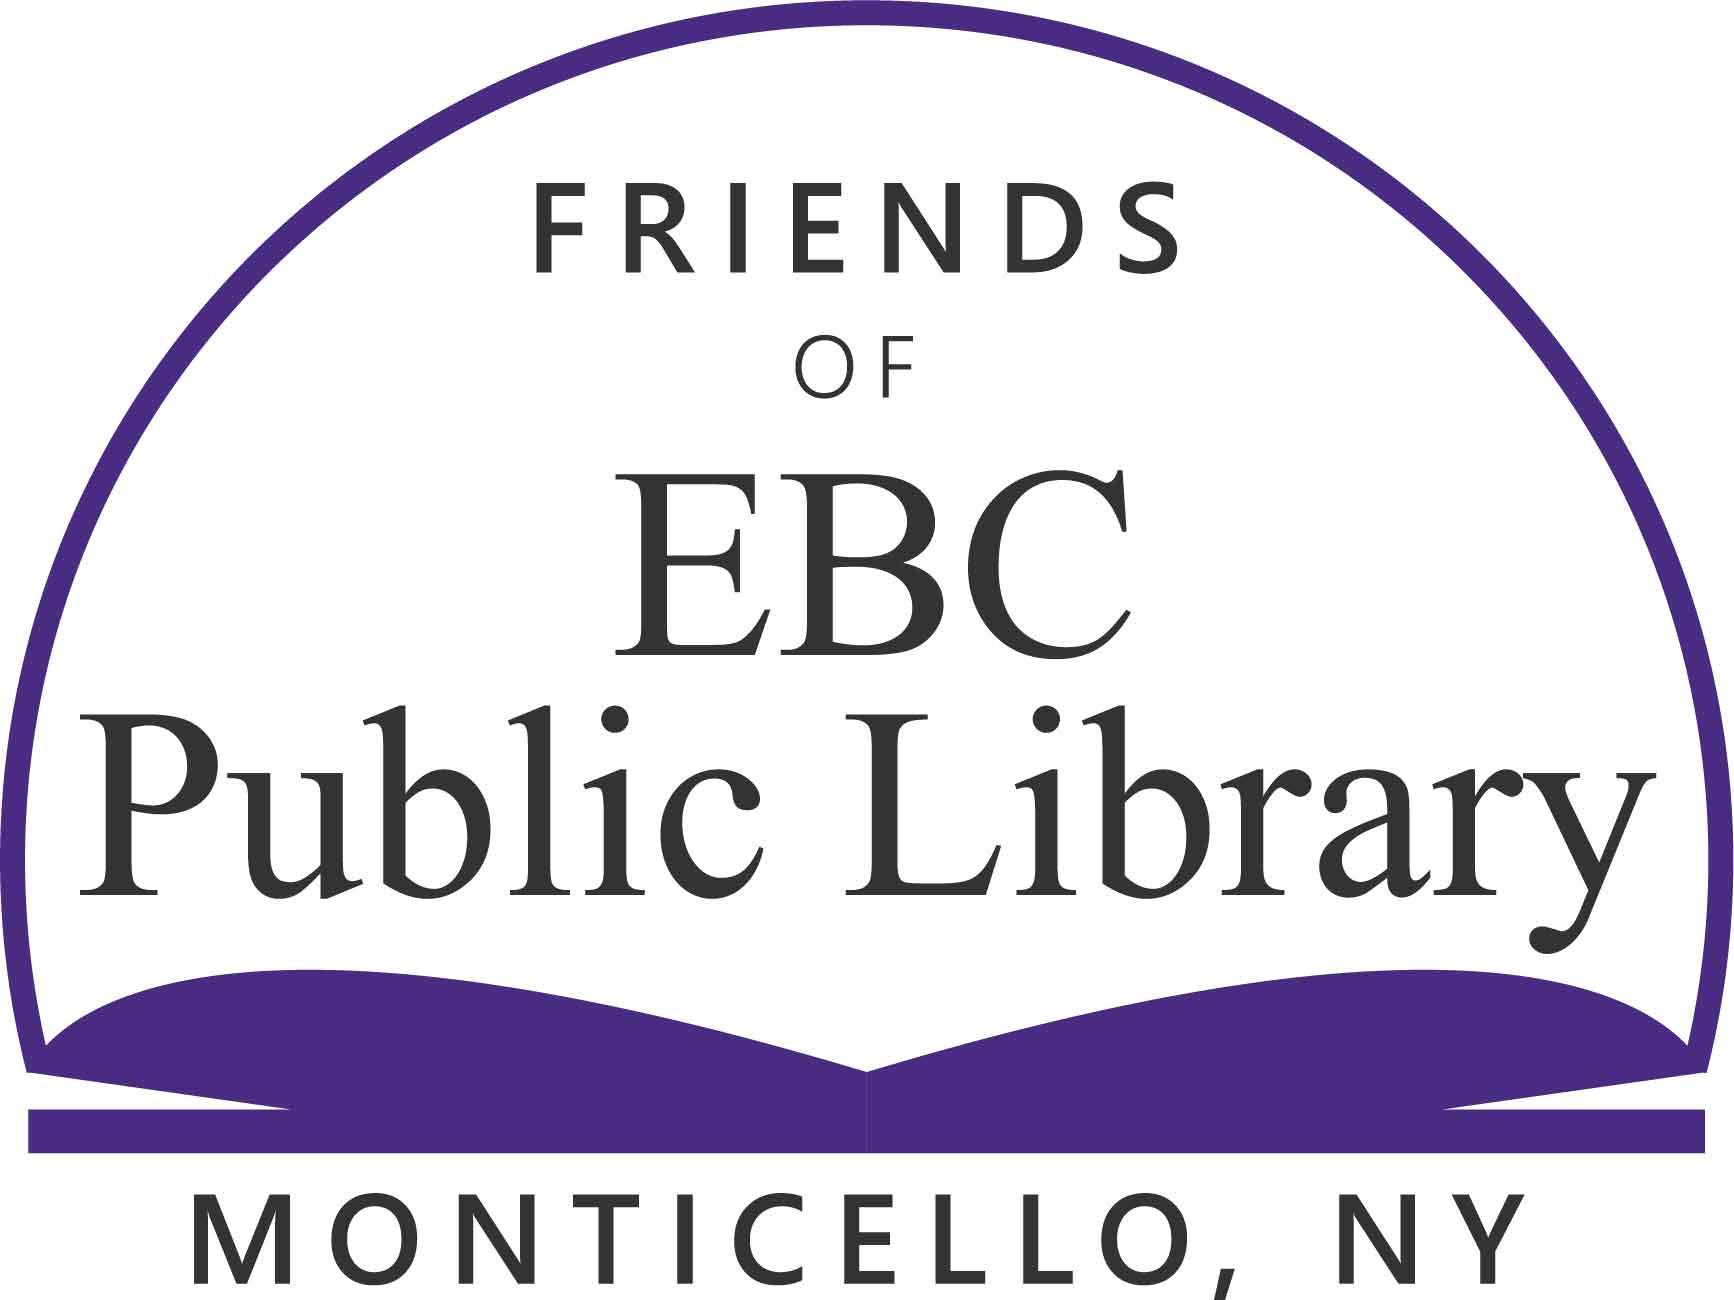 FOEBCPL Logo-Purple.jpg